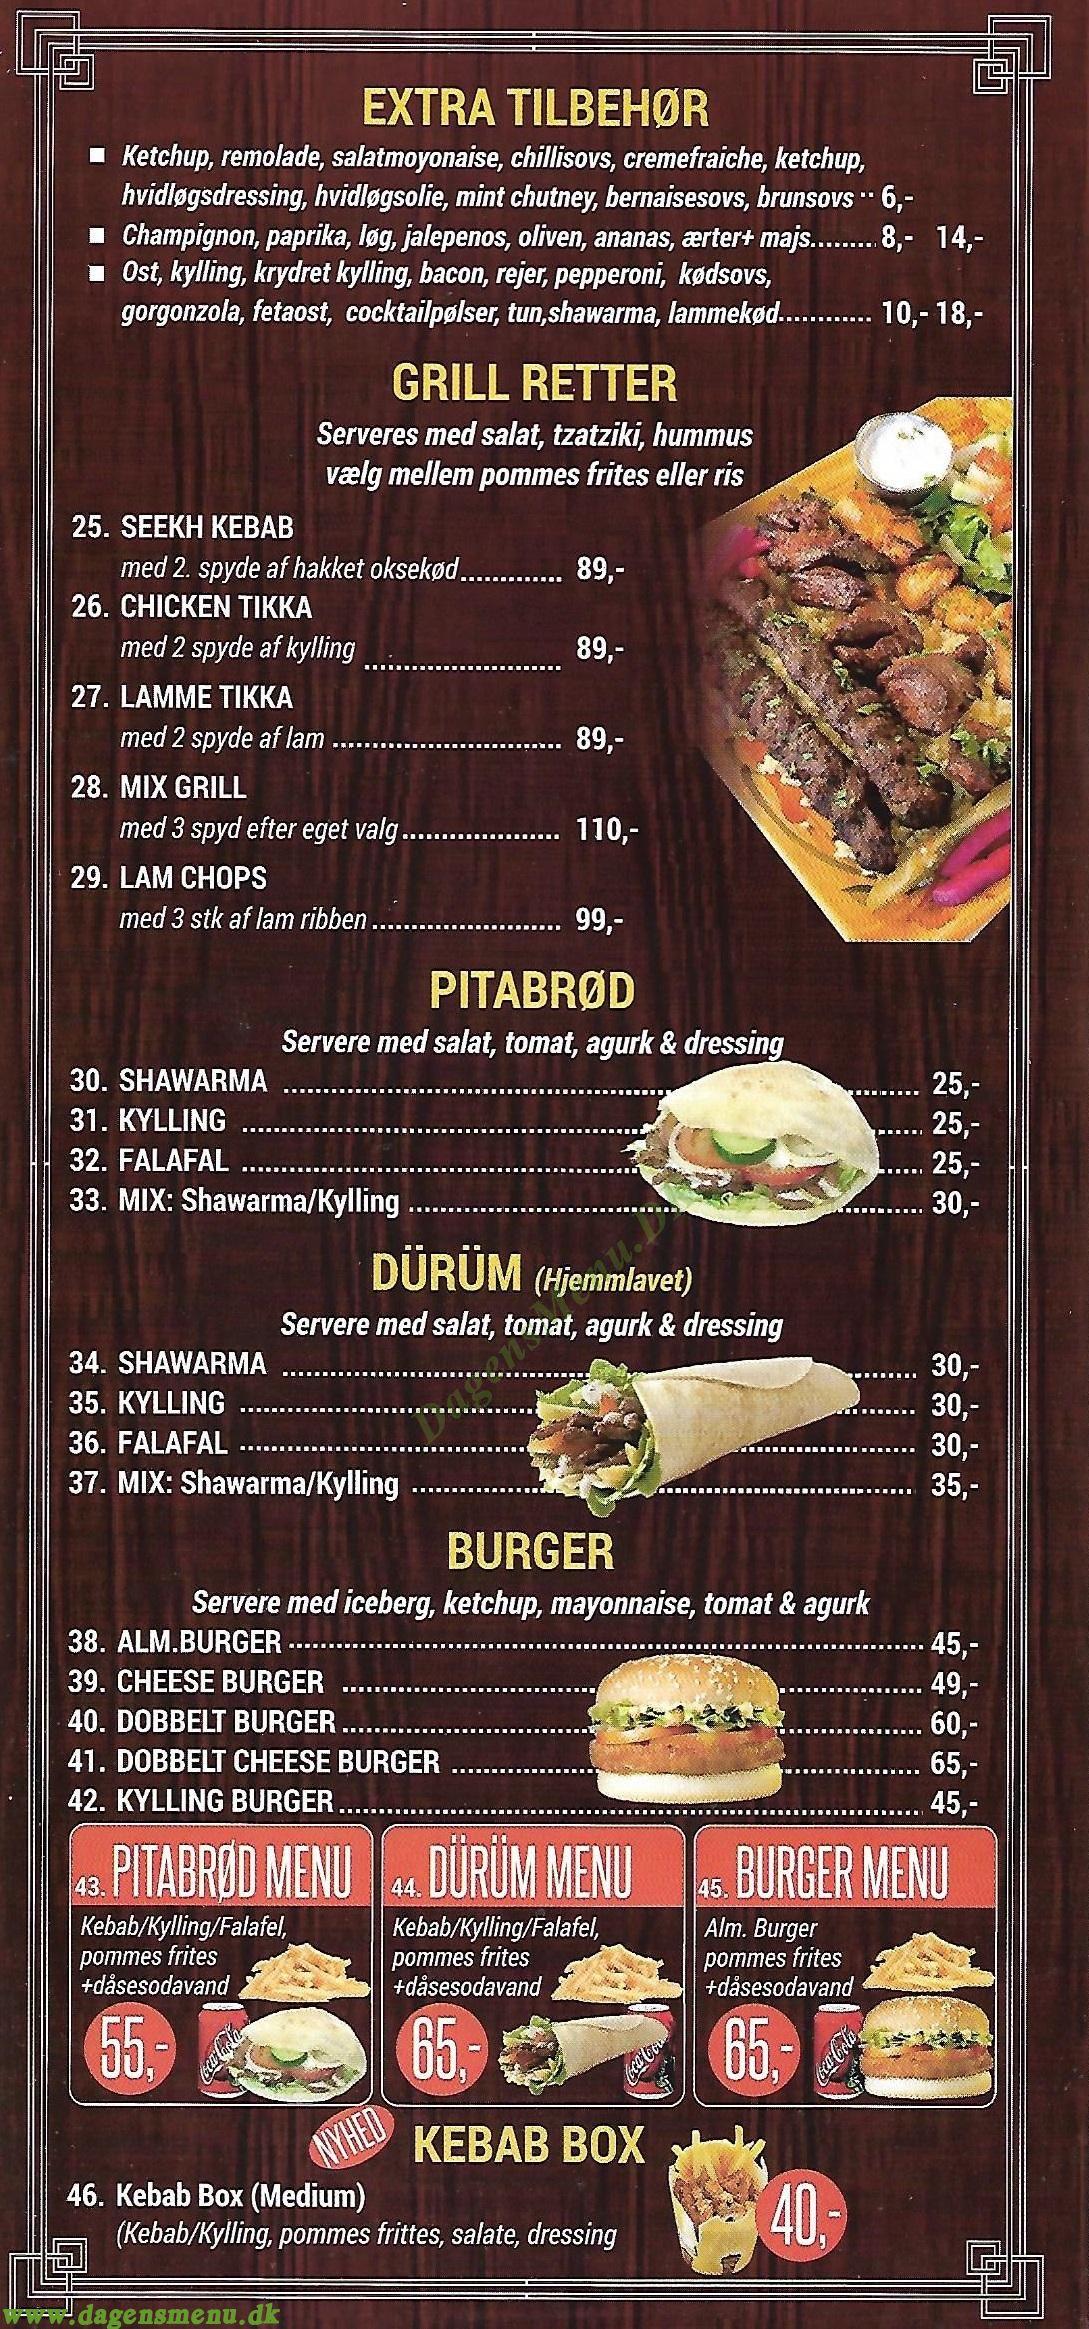 Lahore Kebab - Menukort